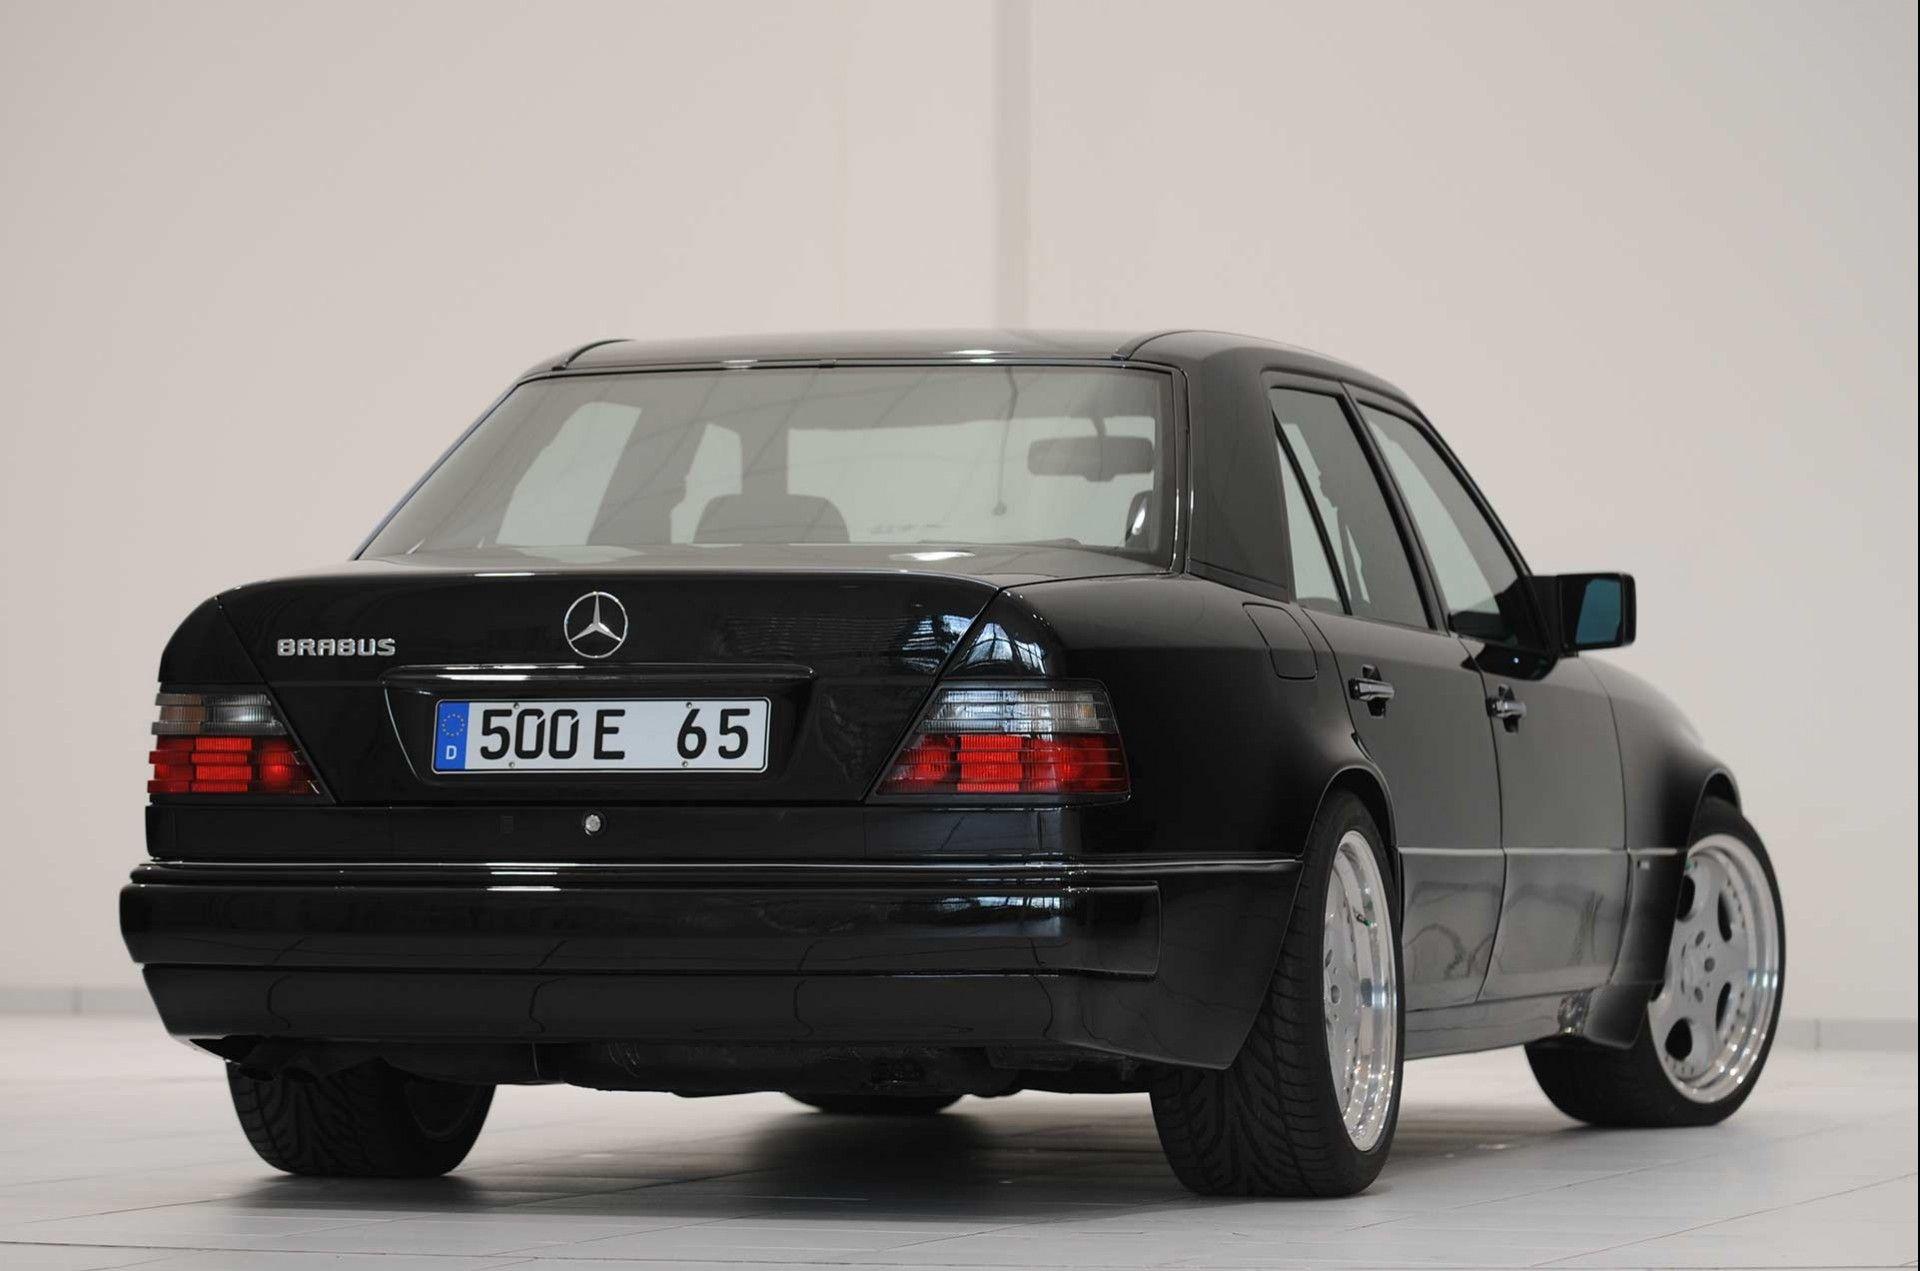 Mercedes Benz E500 Brabus 65 W124